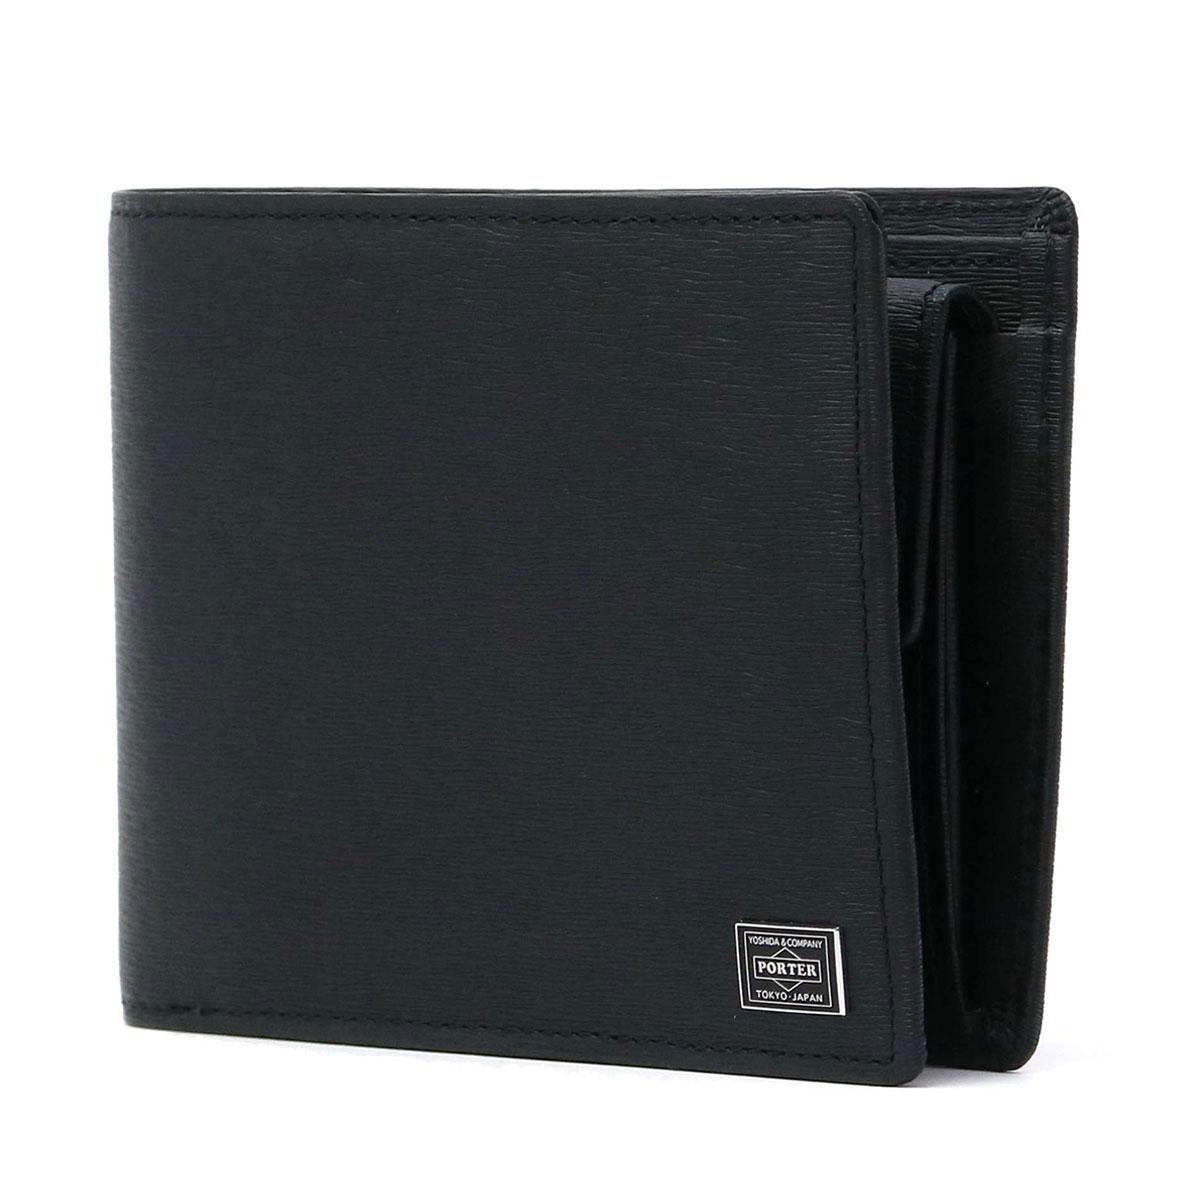 ポーター(PORTER) 二つ折り財布